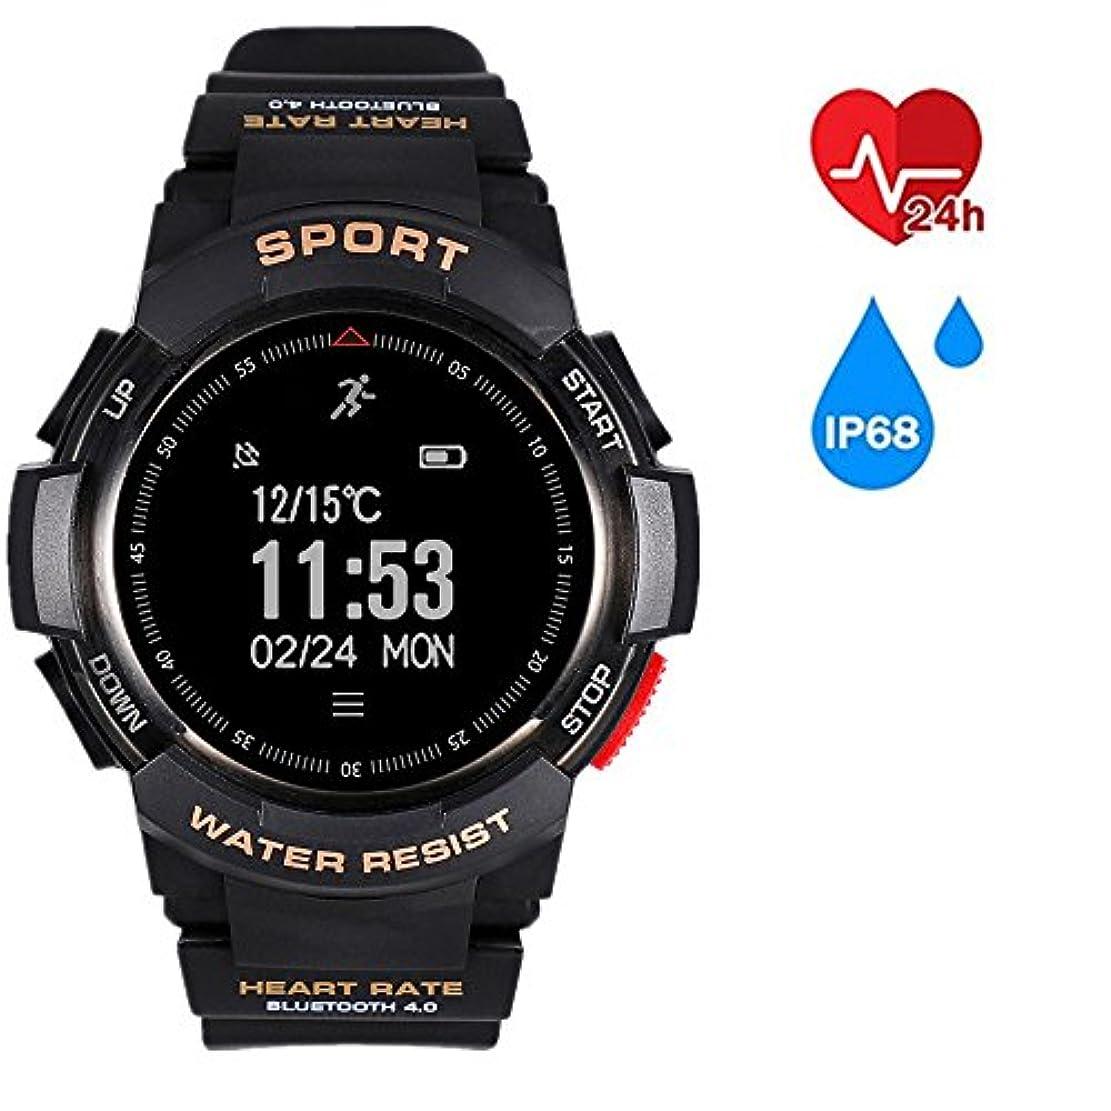 スクラブソケットシネマf6 Bluetooth 4.0スマートリストバンドハートレートモニター歩数計ip68スポーツスマートウォッチスポーツブレスレット腕時計インテリジェント ブラック